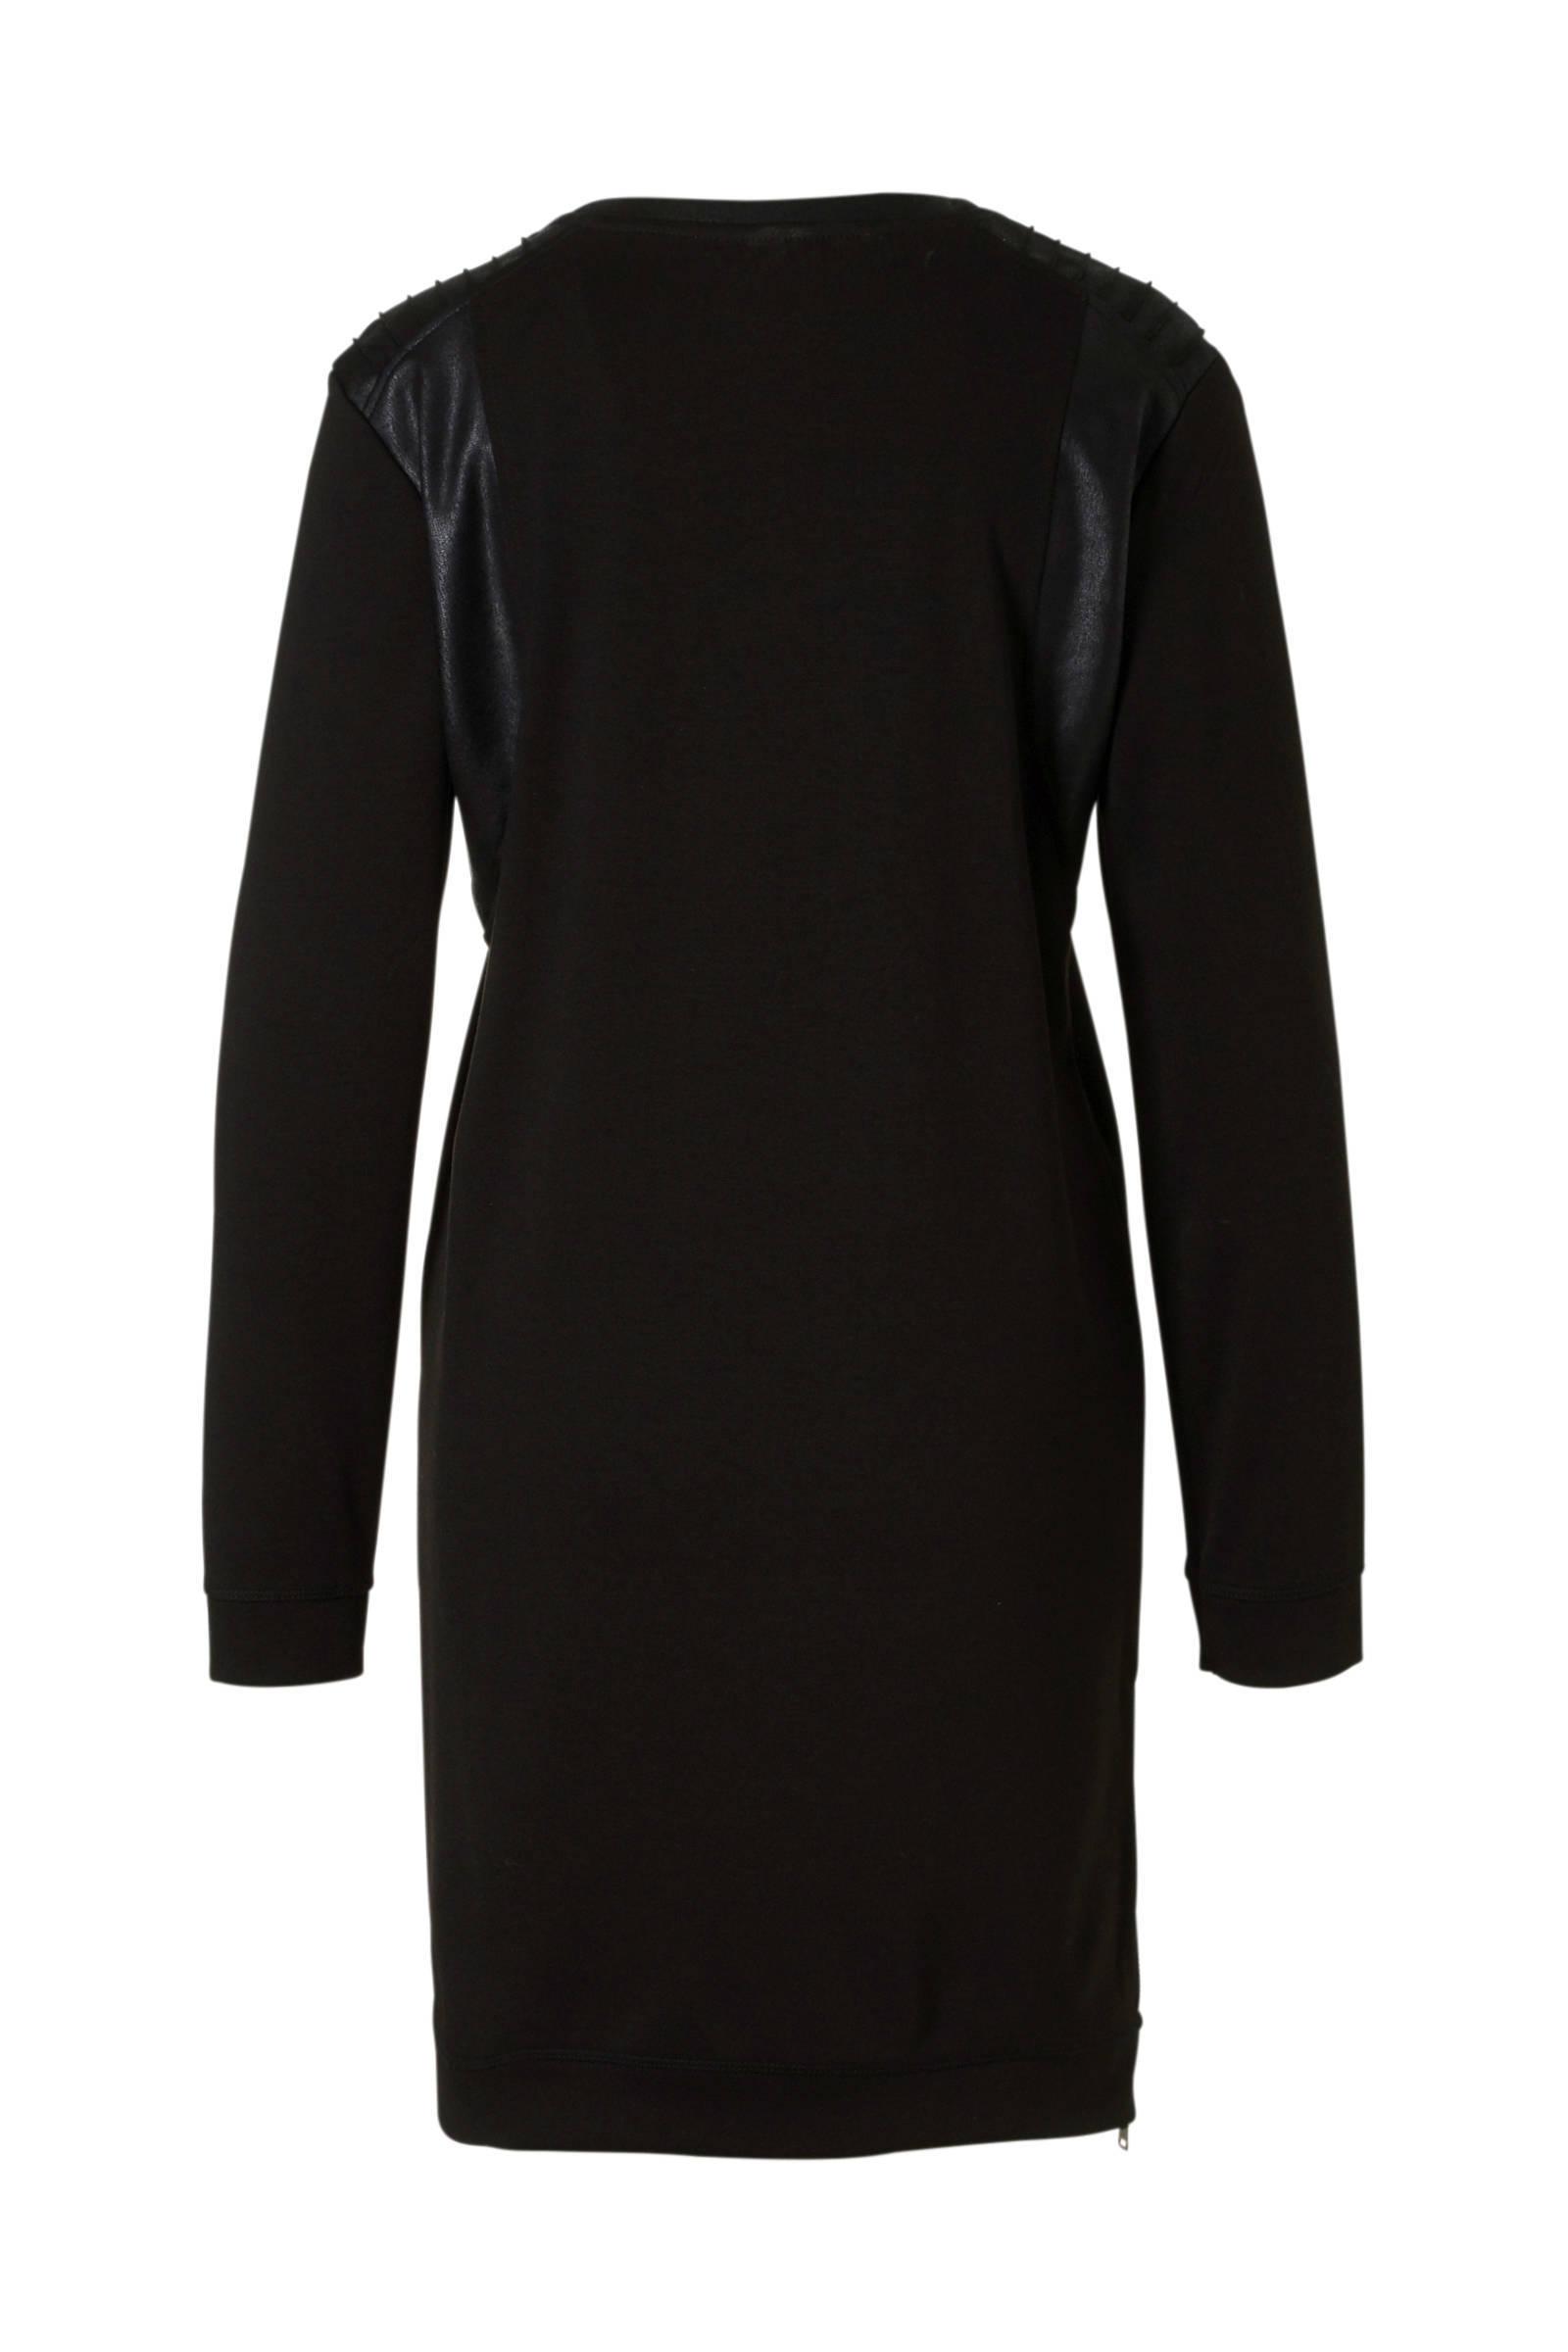 VERO MODA details jurk met coated A80dxArqw